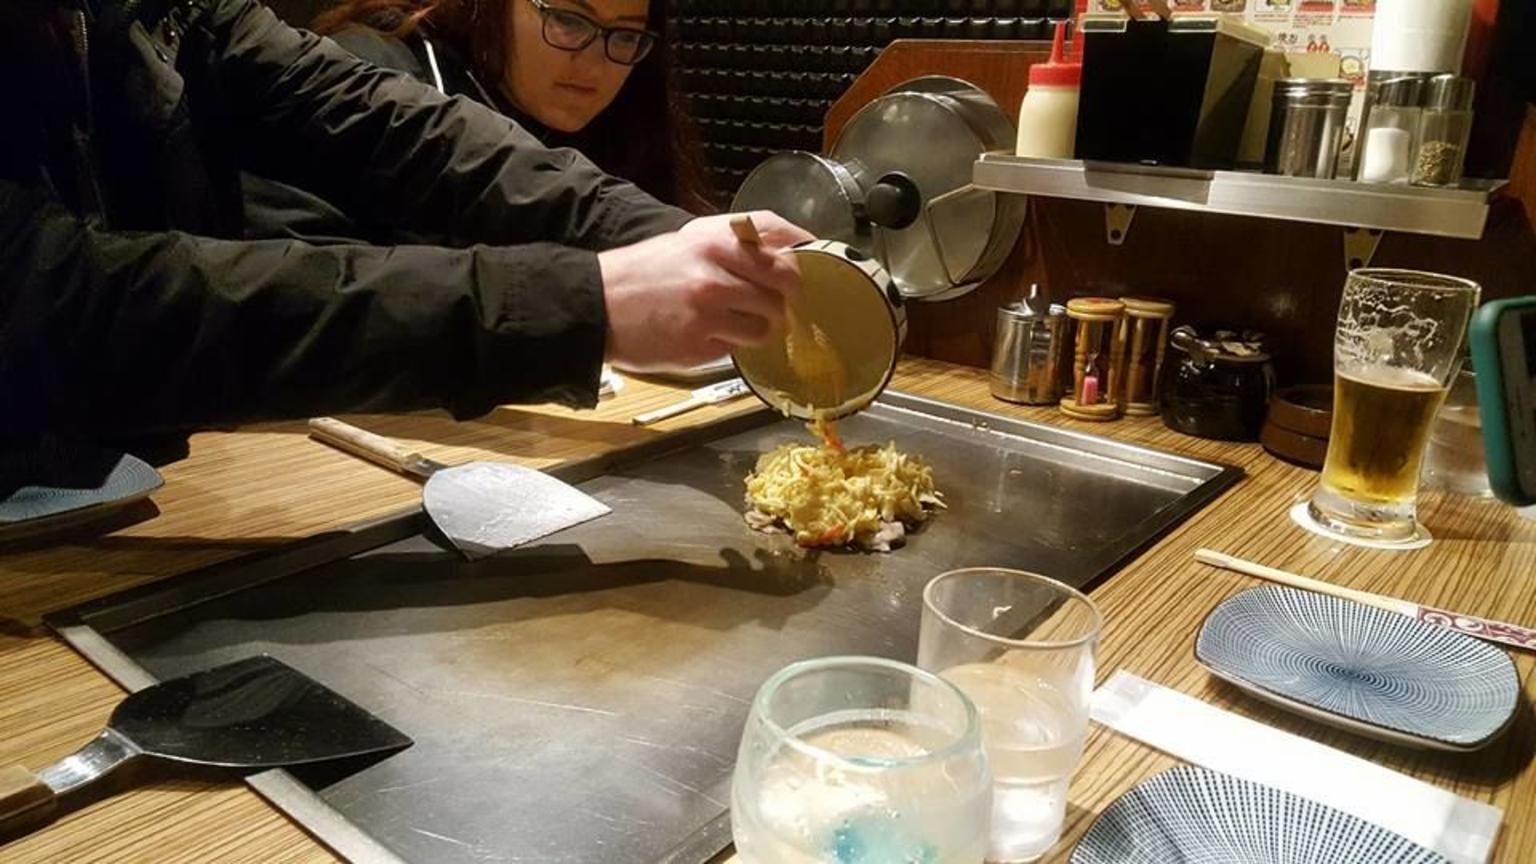 MÁS FOTOS, Recorrido gastronómico a pie por Shibuya por la noche